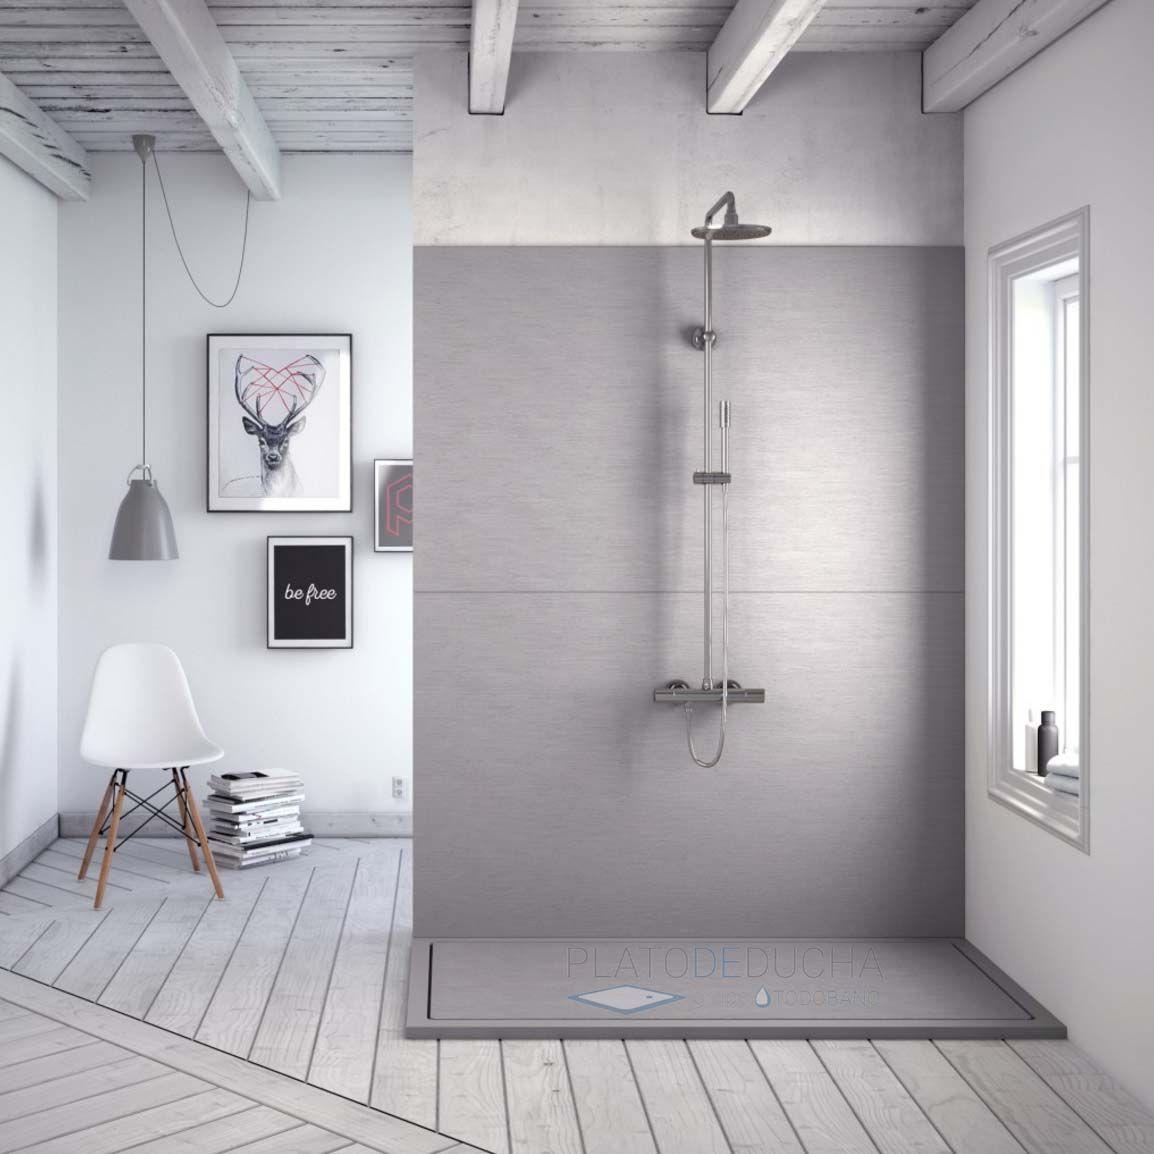 Plato de ducha de resina infinity con un dise o - Platos de ducha diseno ...